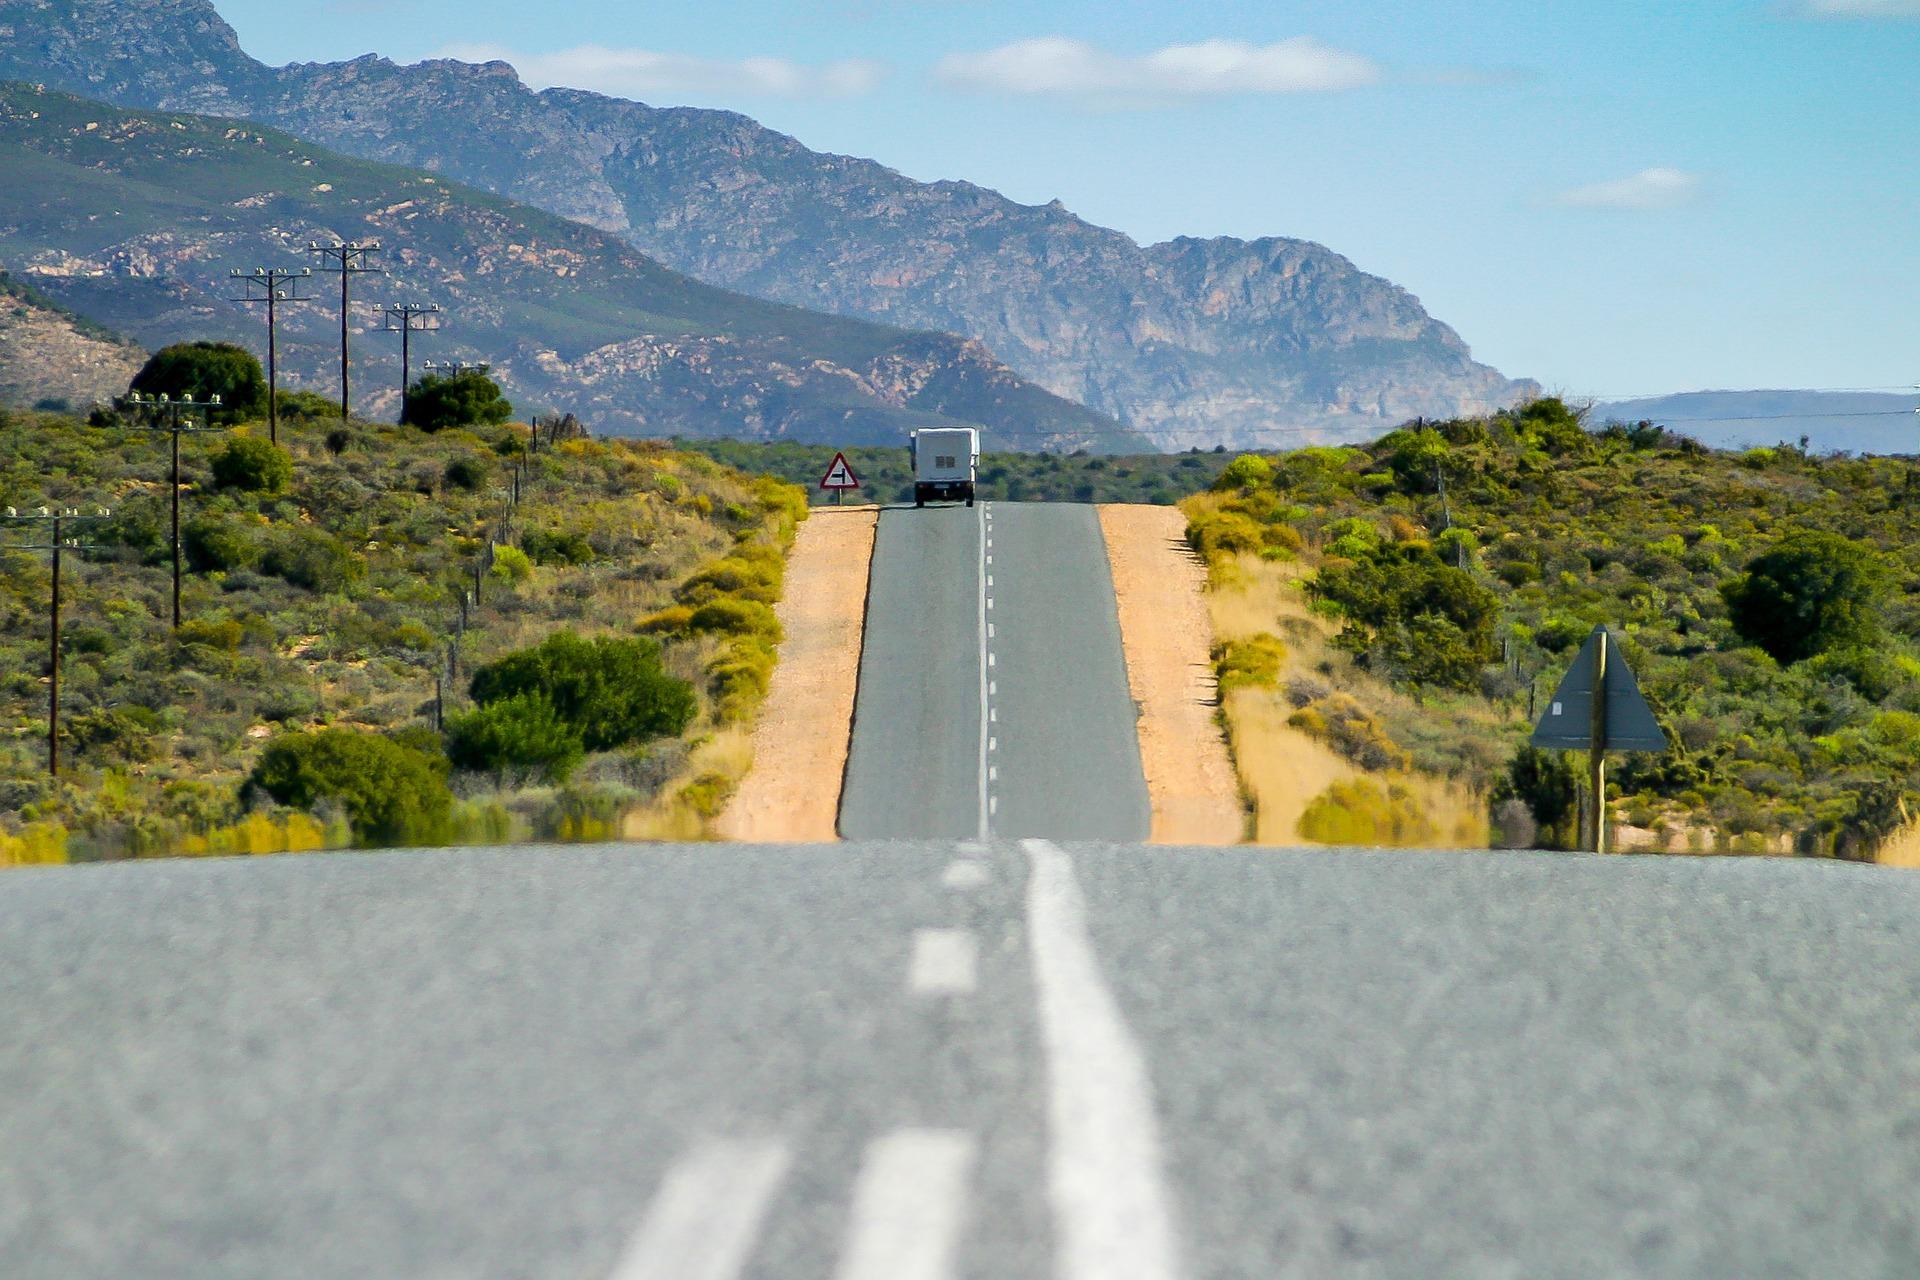 Route scénique jusqu'à l'horizon avec un camping-car au loin